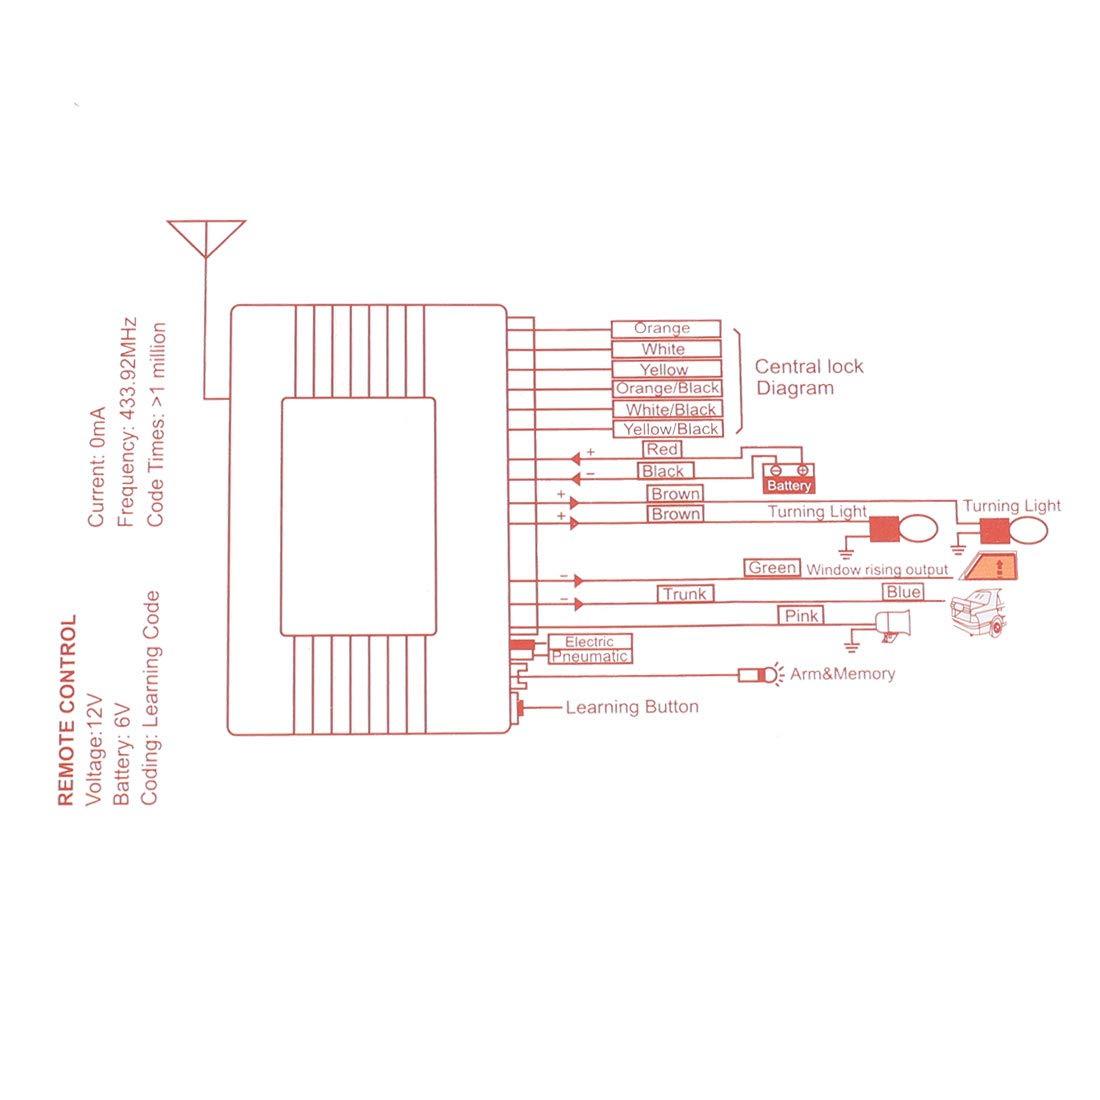 [SCHEMATICS_49CH]  KN_9640] Central Door Lock Wiring Diagram Wiring Diagram Carub Central Door Schematic  Wiring   Universal Central Keyless Entry Wiring Diagram      Unnu Penghe Strai Emba Mohammedshrine Librar Wiring 101